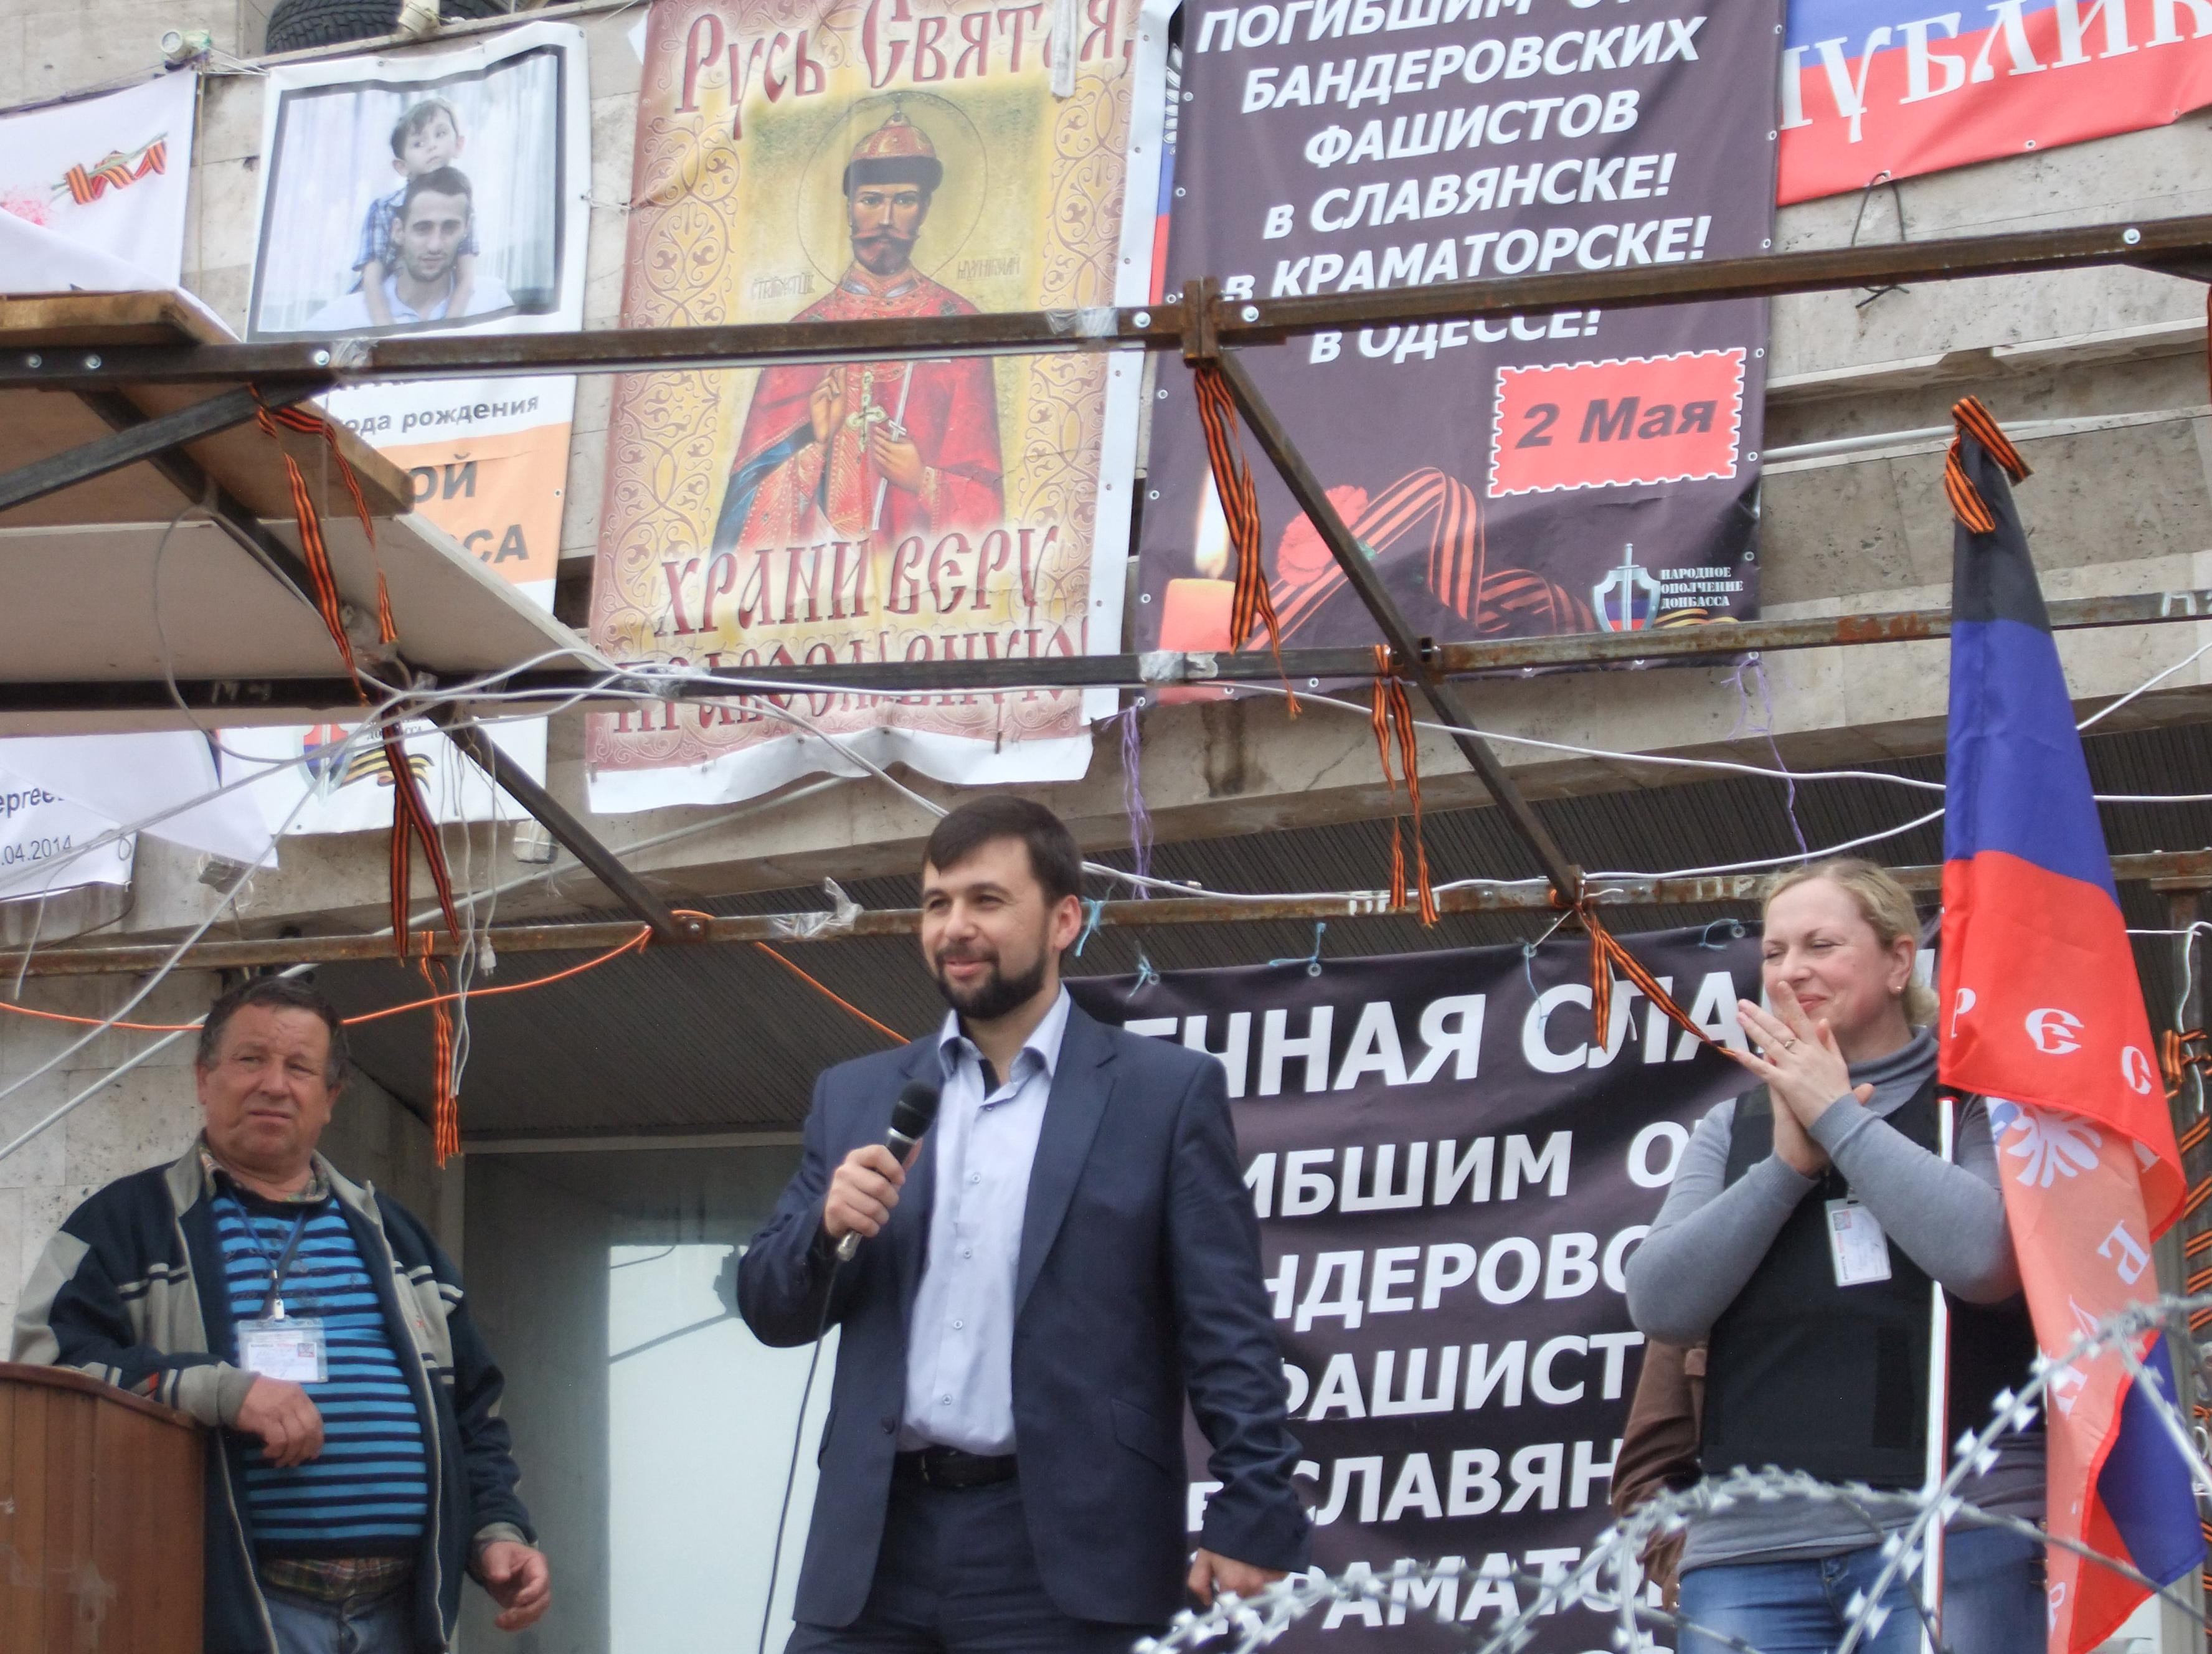 Сопредседатель правительства провозглашенной Донецкой народной республики Денис Пушилин